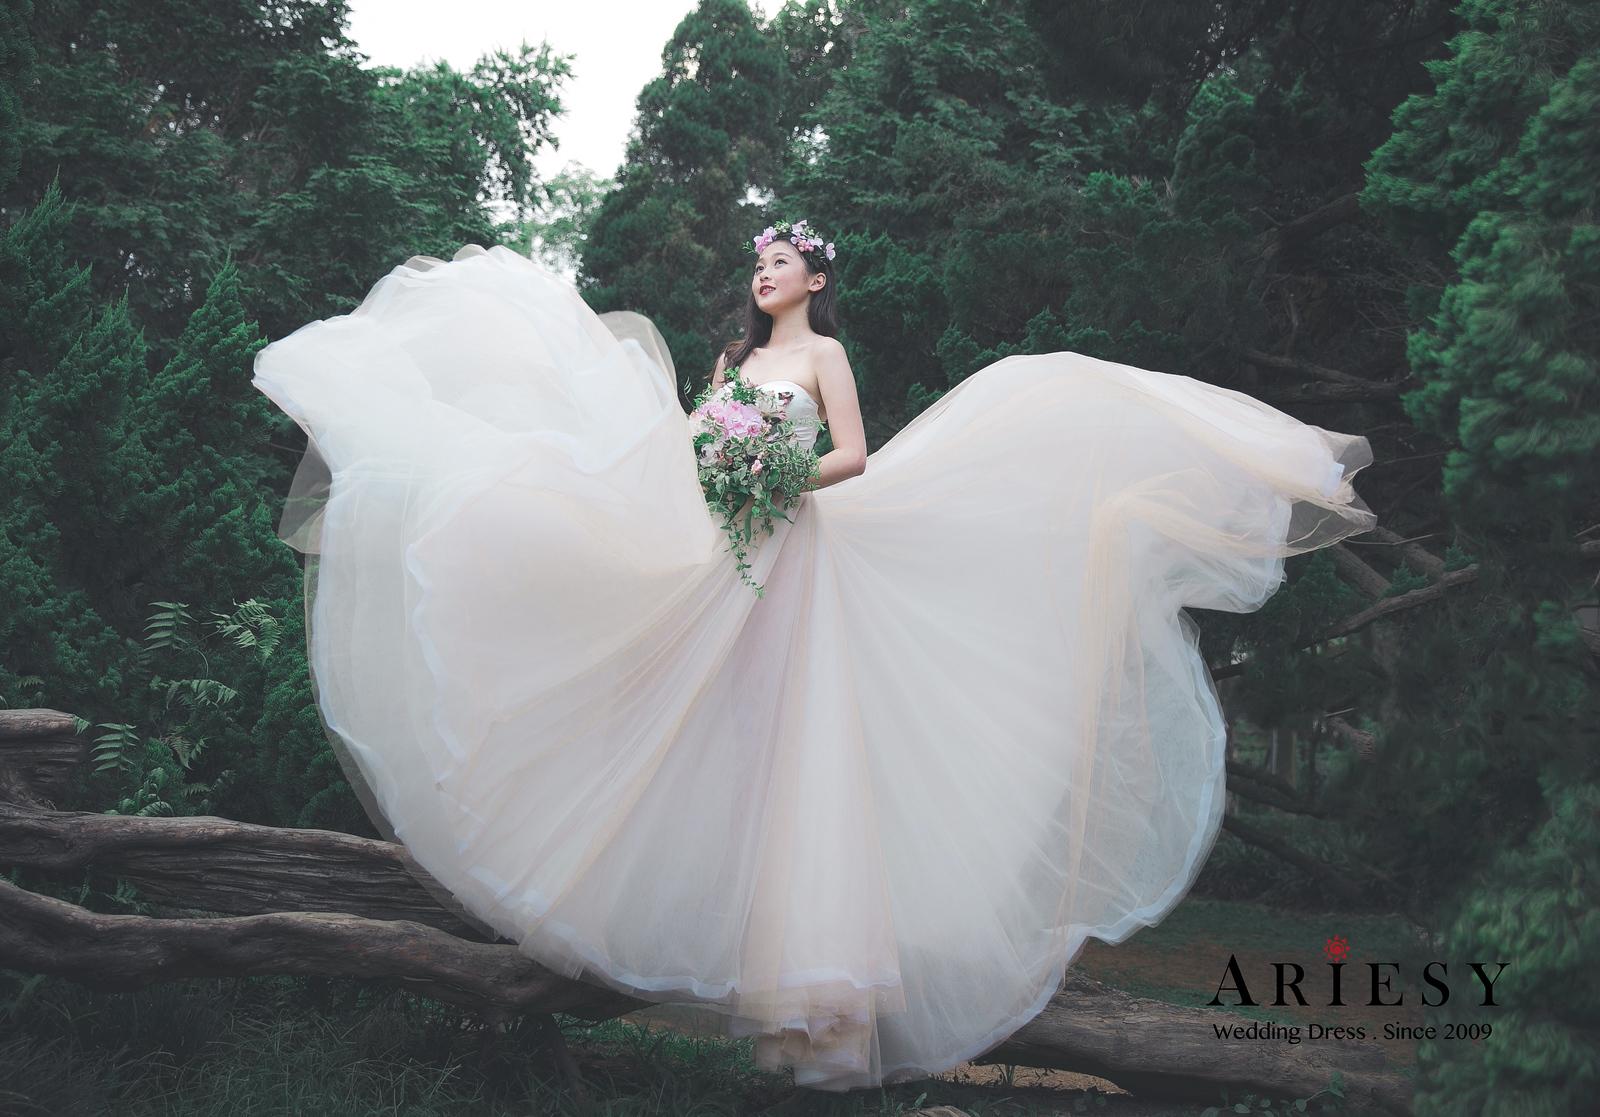 花卉婚紗,仙女白紗,陽明山婚紗,愛瑞思婚紗,夢幻白紗